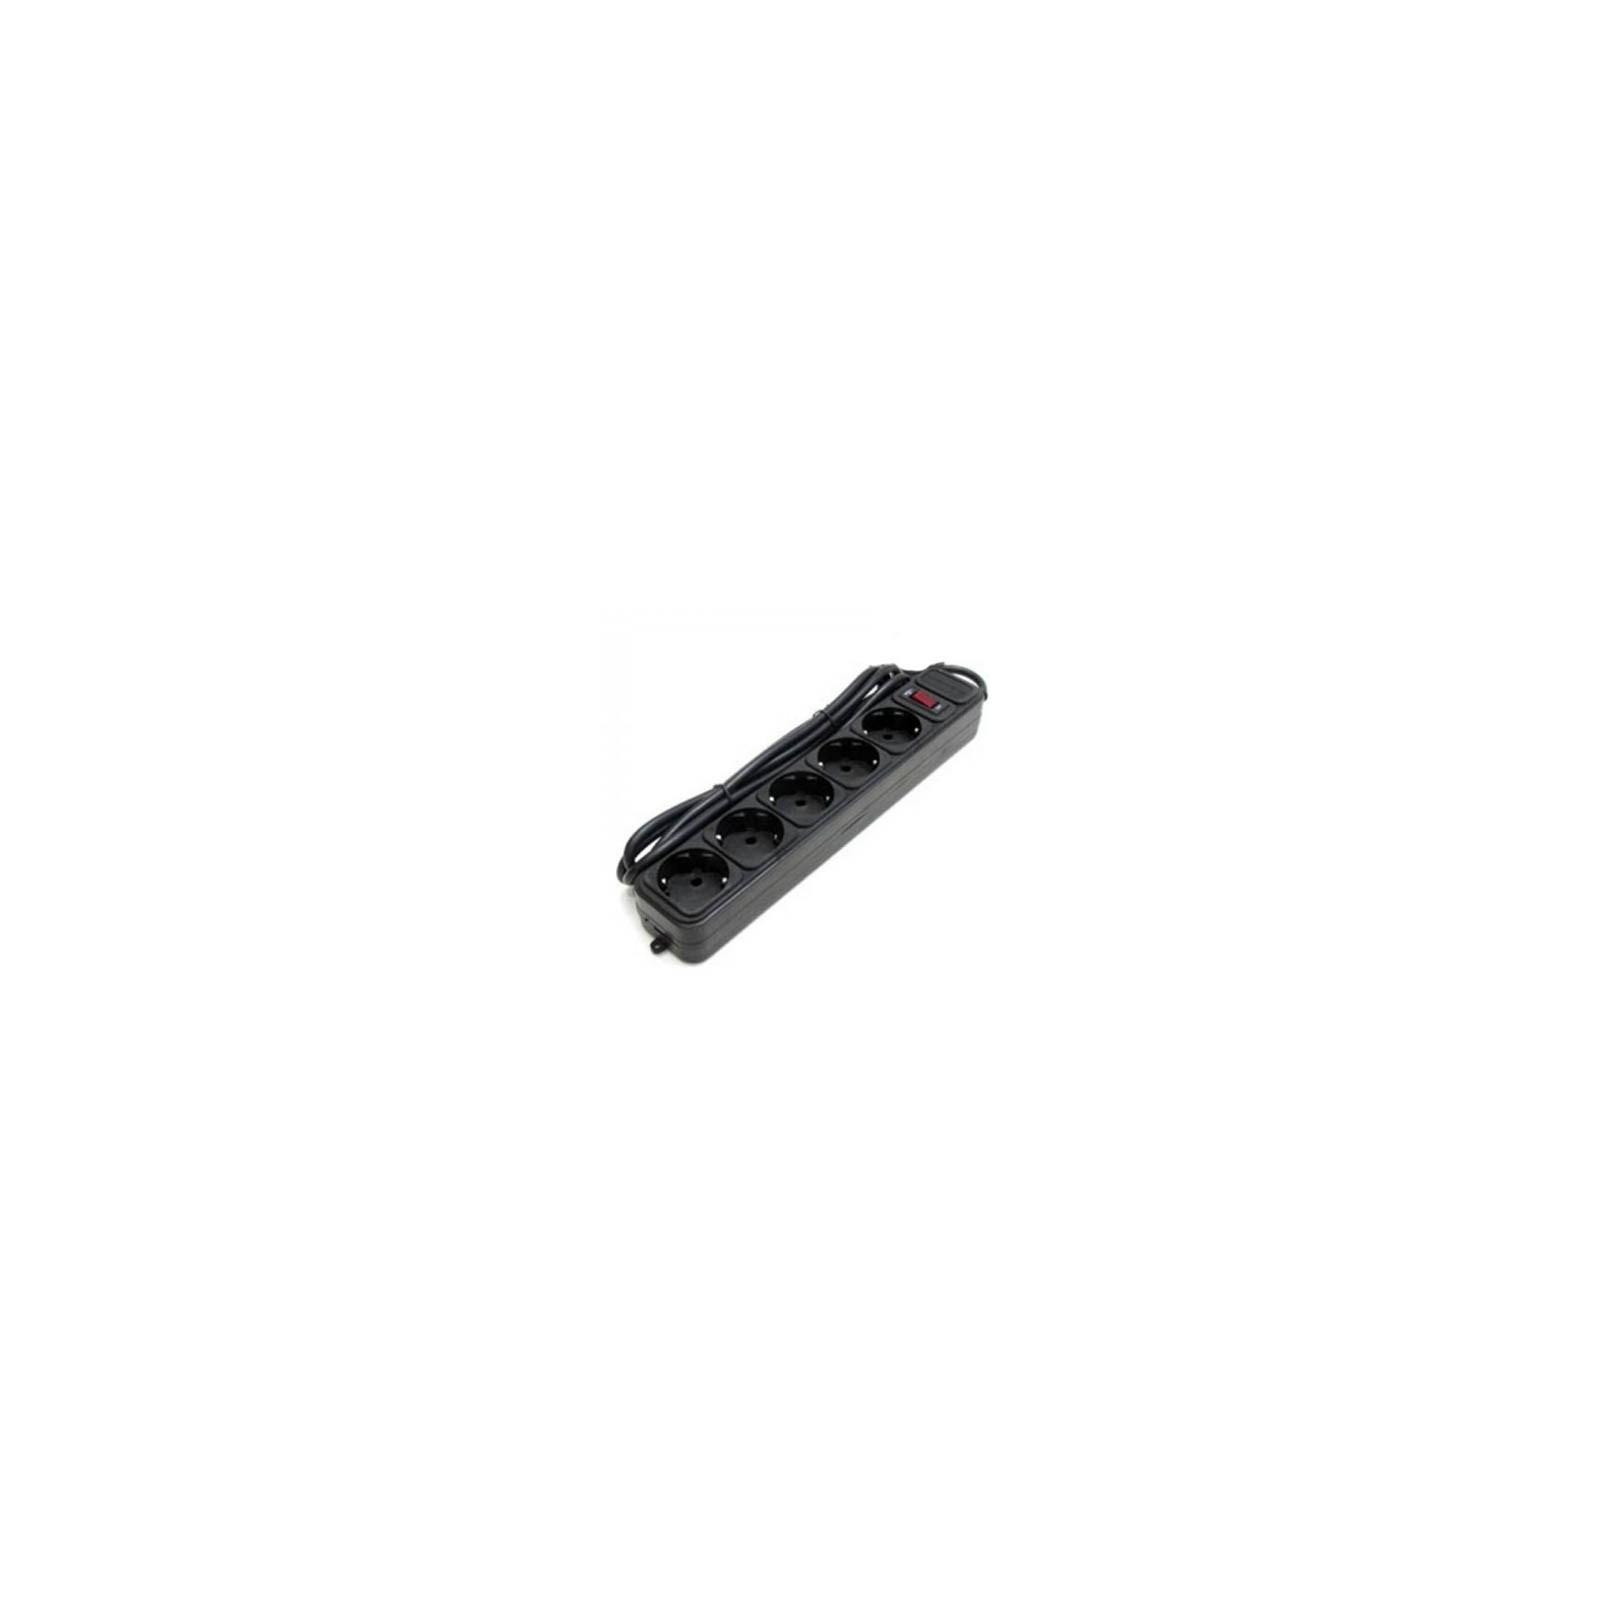 Сетевой фильтр питания GEMIX Surge protector 1.8m (Gemix 1.8m Special B)